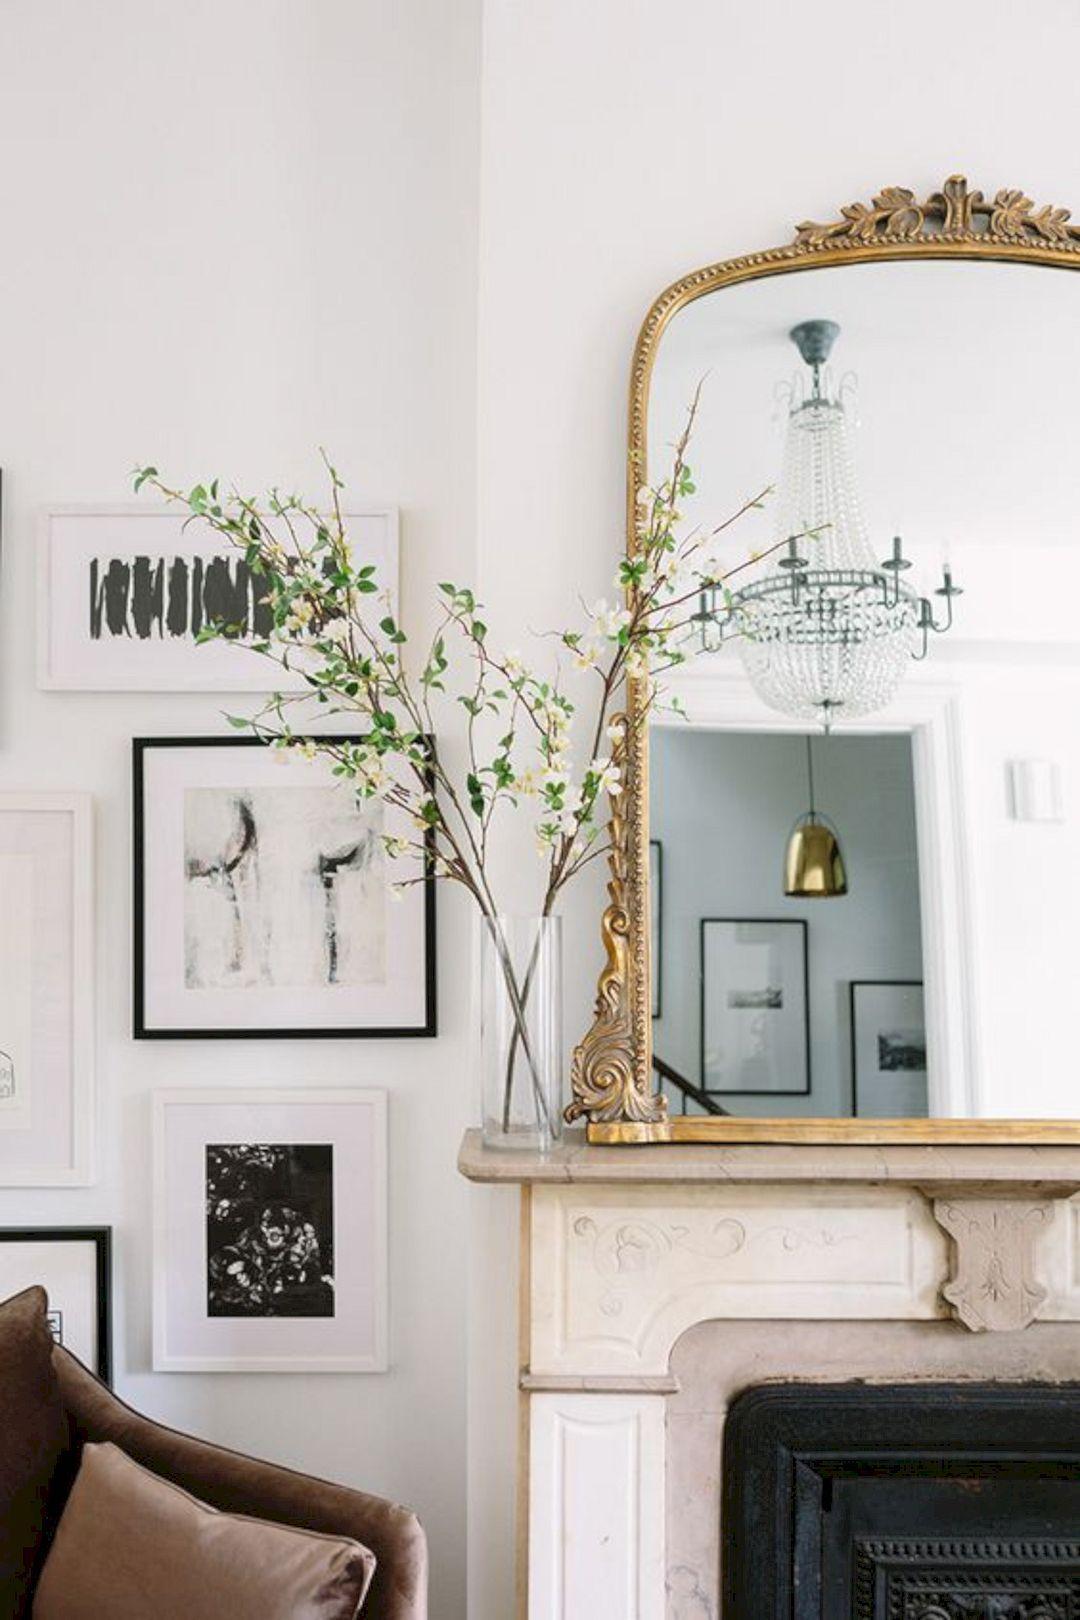 magnificent living room wall design feats | 16 Magnificent Living Room Walls Decorating Ideas | Dreamy ...